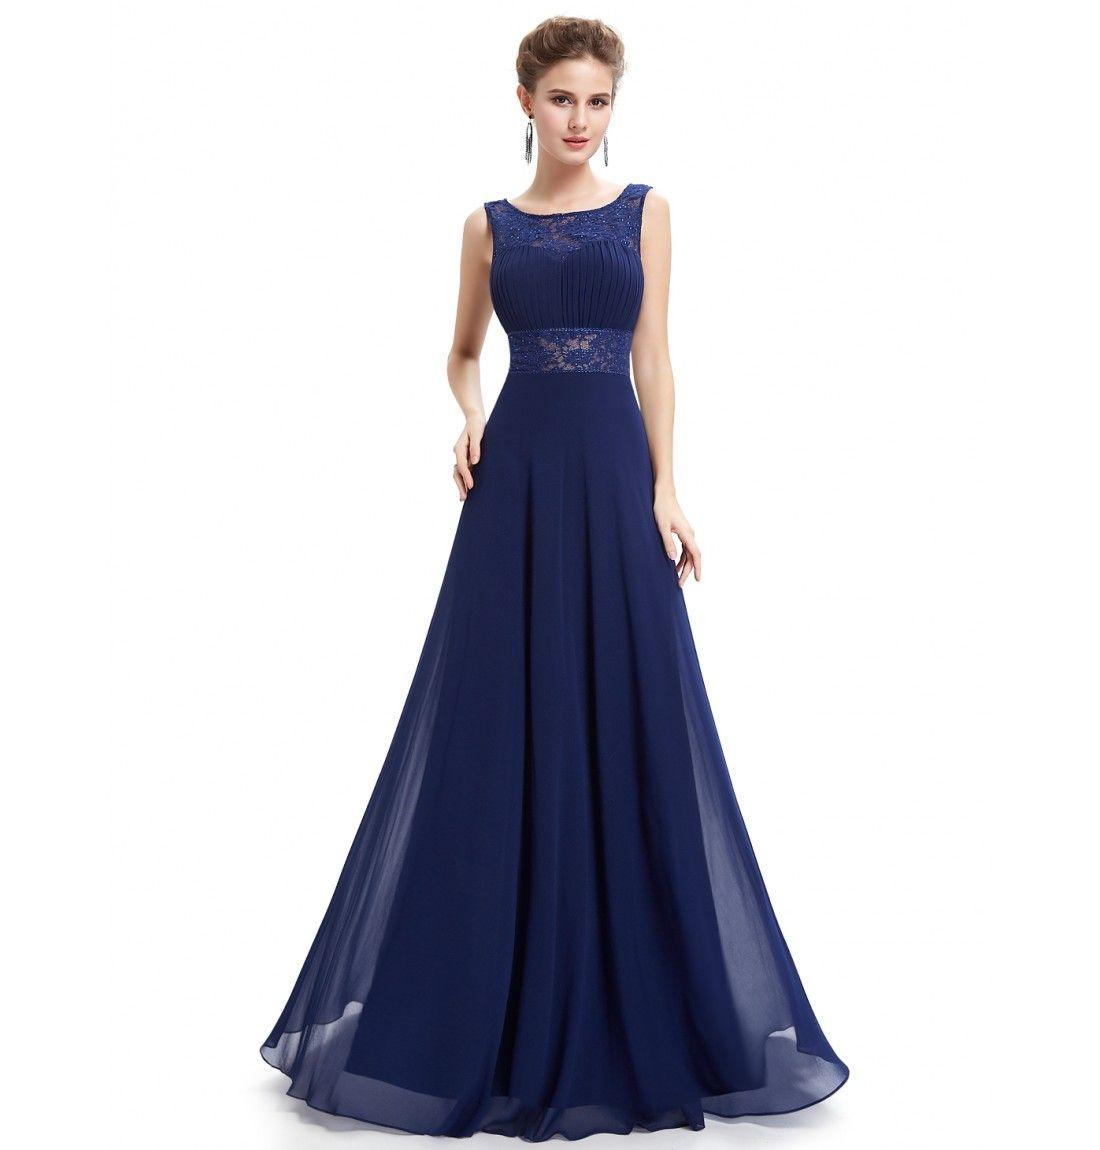 Zauberhaftes A-Linie Abendkleid Dunkelblau | Kleider | Pinterest ...